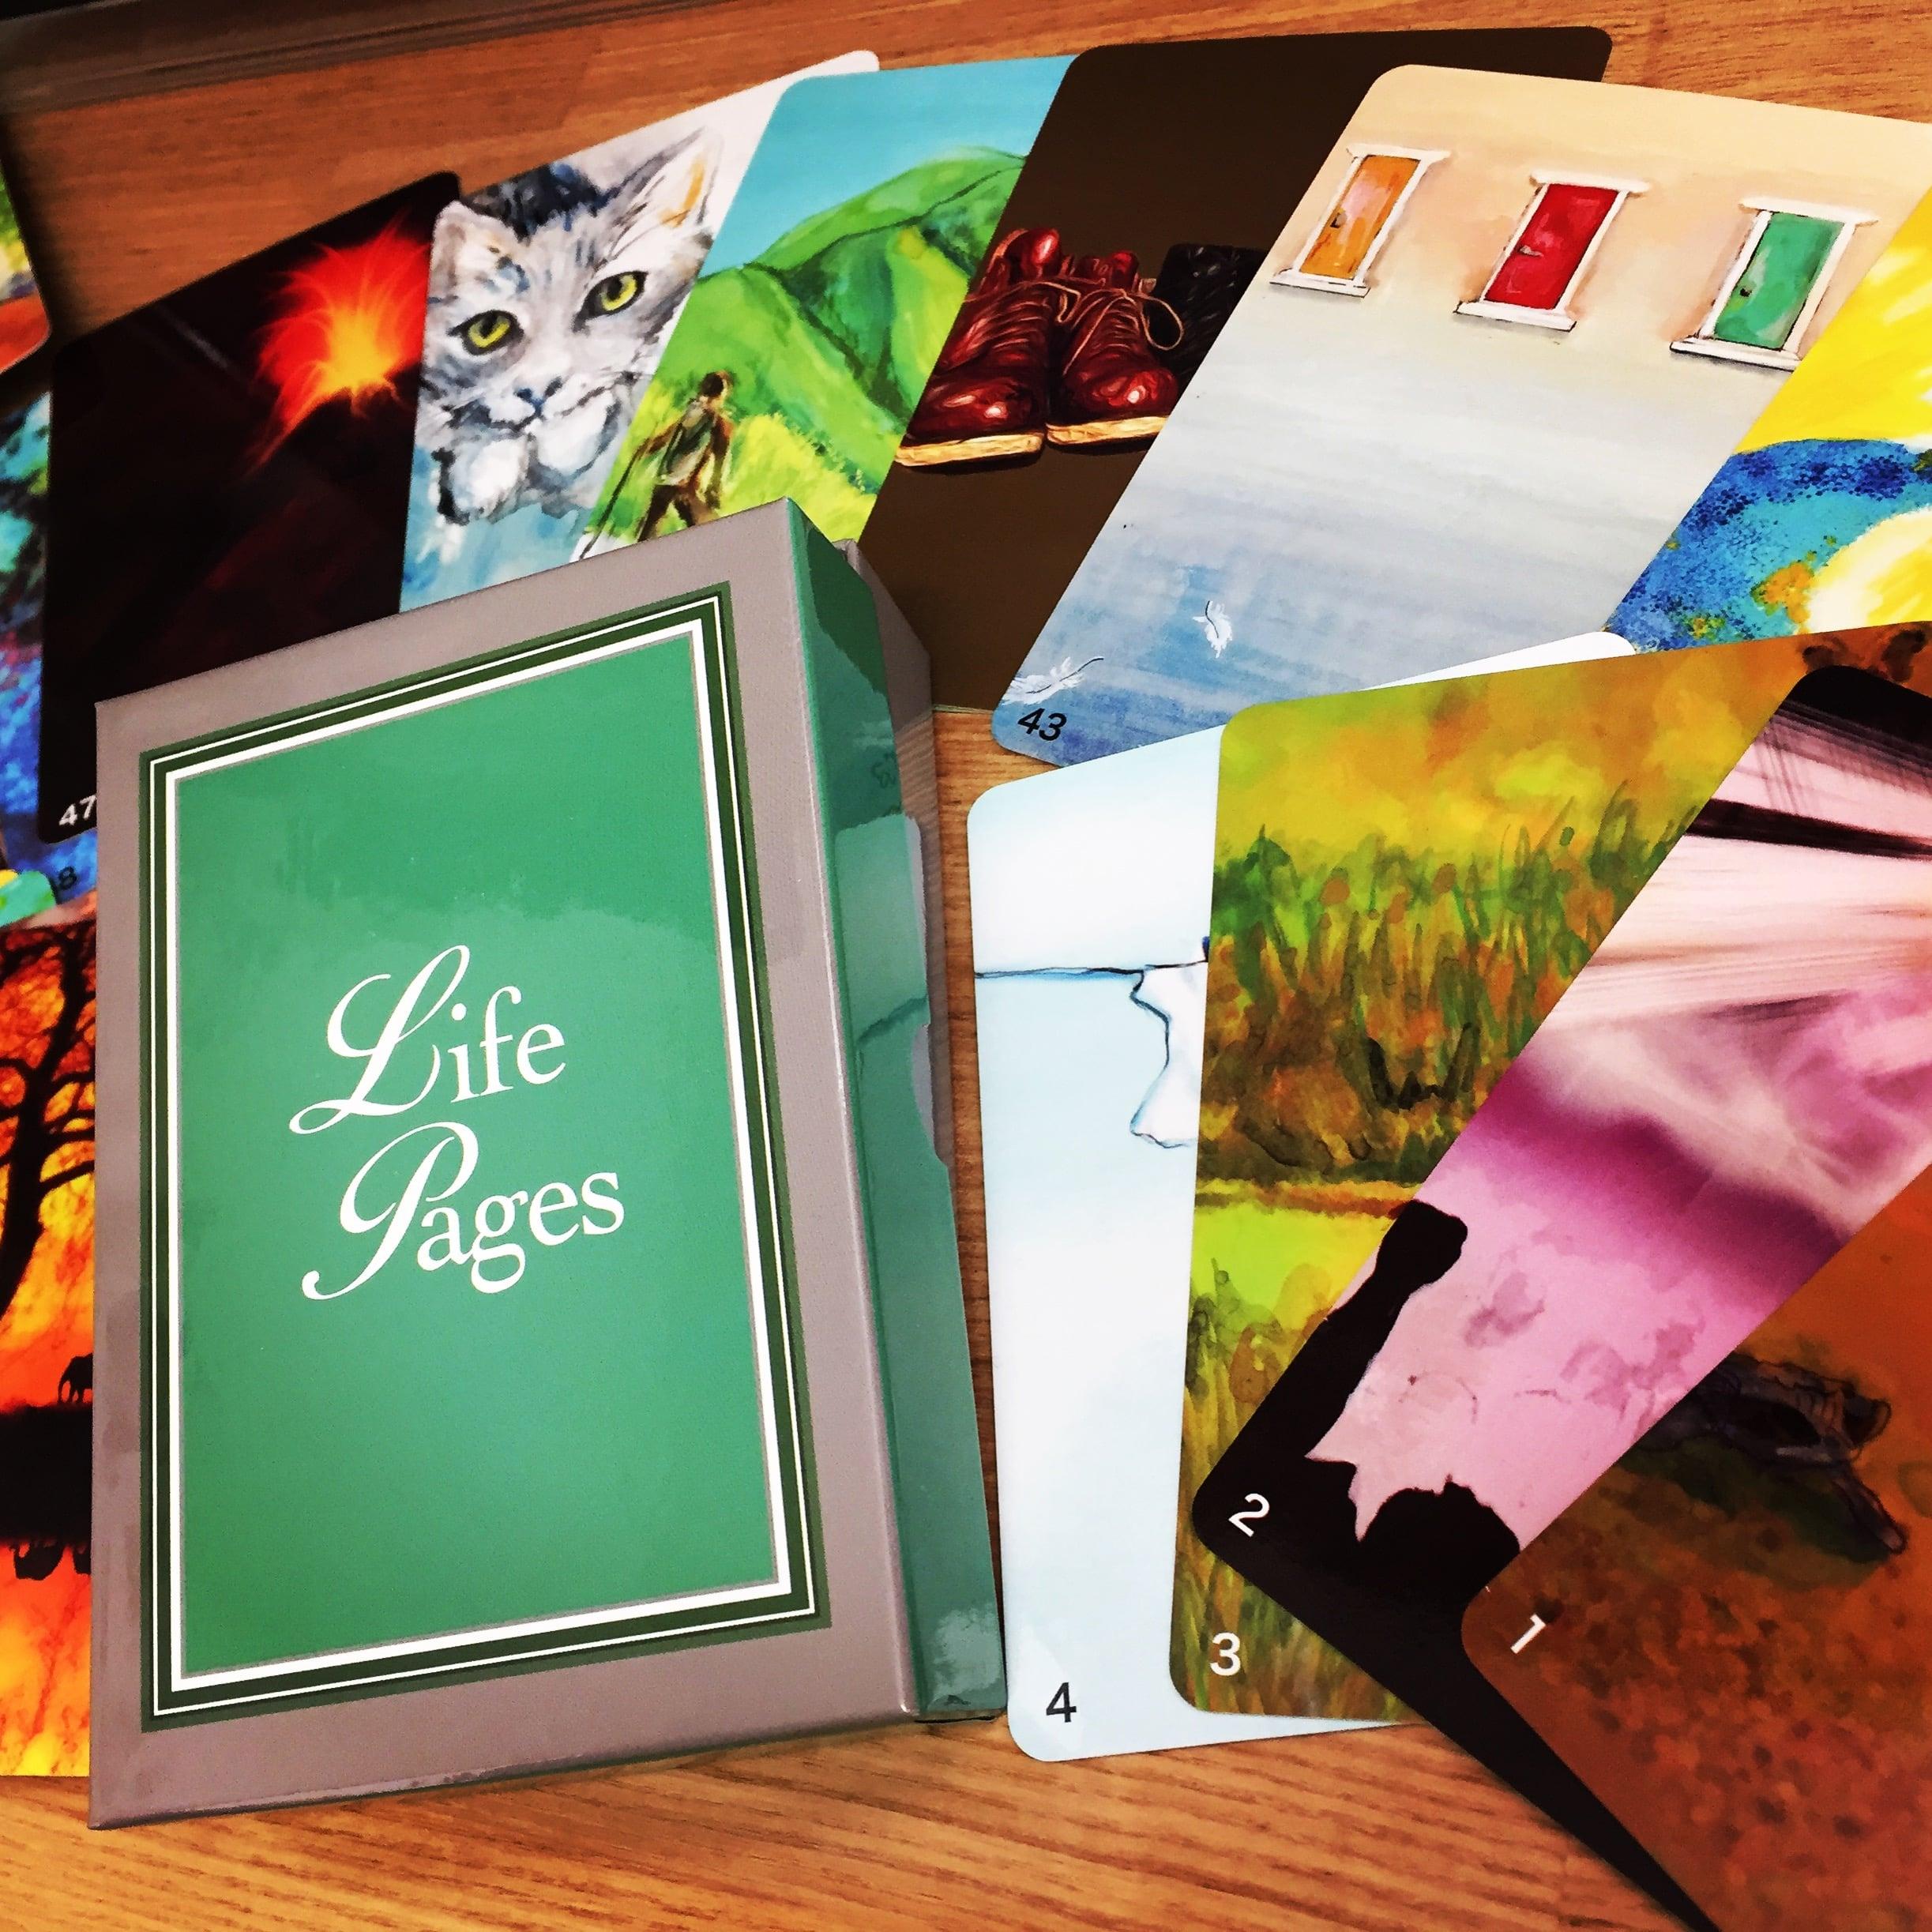 【新カードキャンペーン】カードを使ったコーチング ライフペイジズ体験セッションのイメージその1